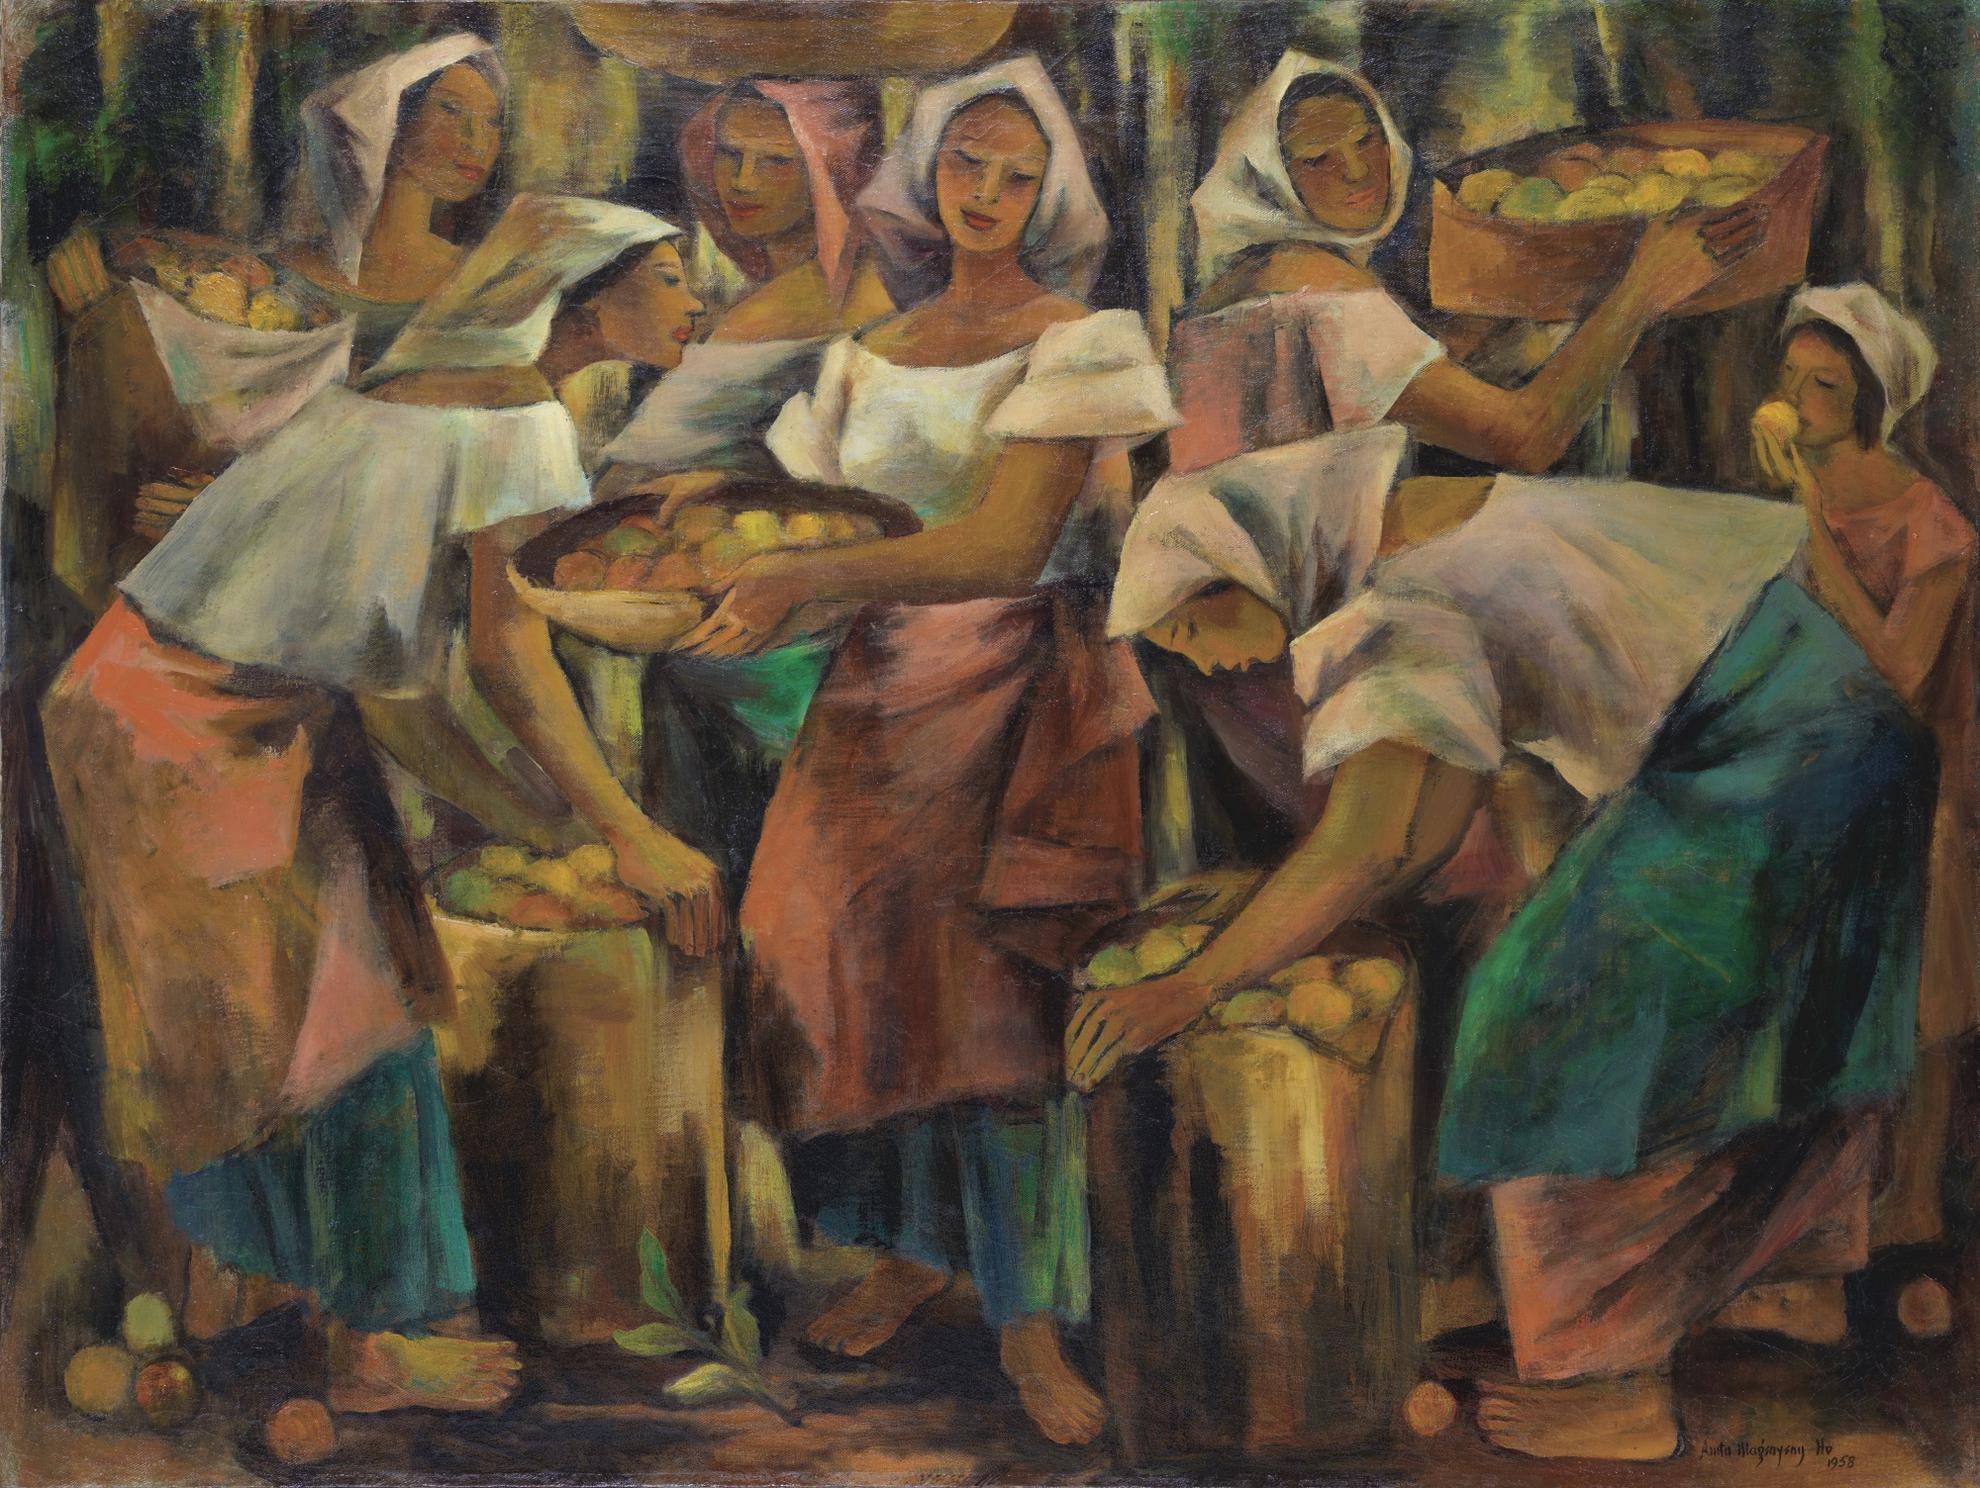 Anita Magsaysay-Ho-Mga Babaeng May Hawak Ng Mga Basket Ng Prutas (Women With Baskets And Fruits)-1958